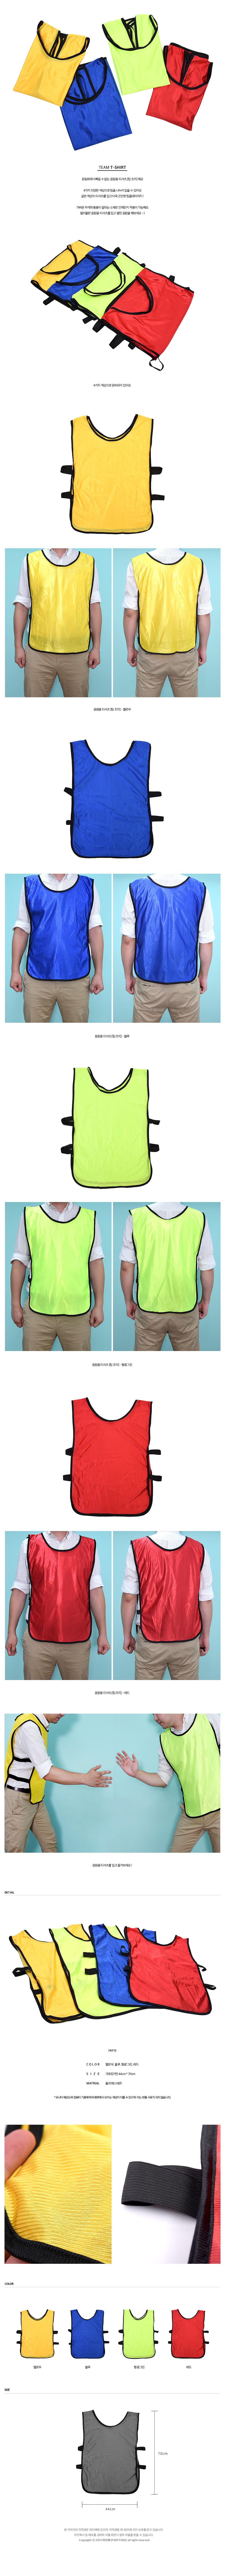 응원용 티셔츠 (팀 조끼)- 4color - 파티해, 3,400원, 응원용품, 응원용품